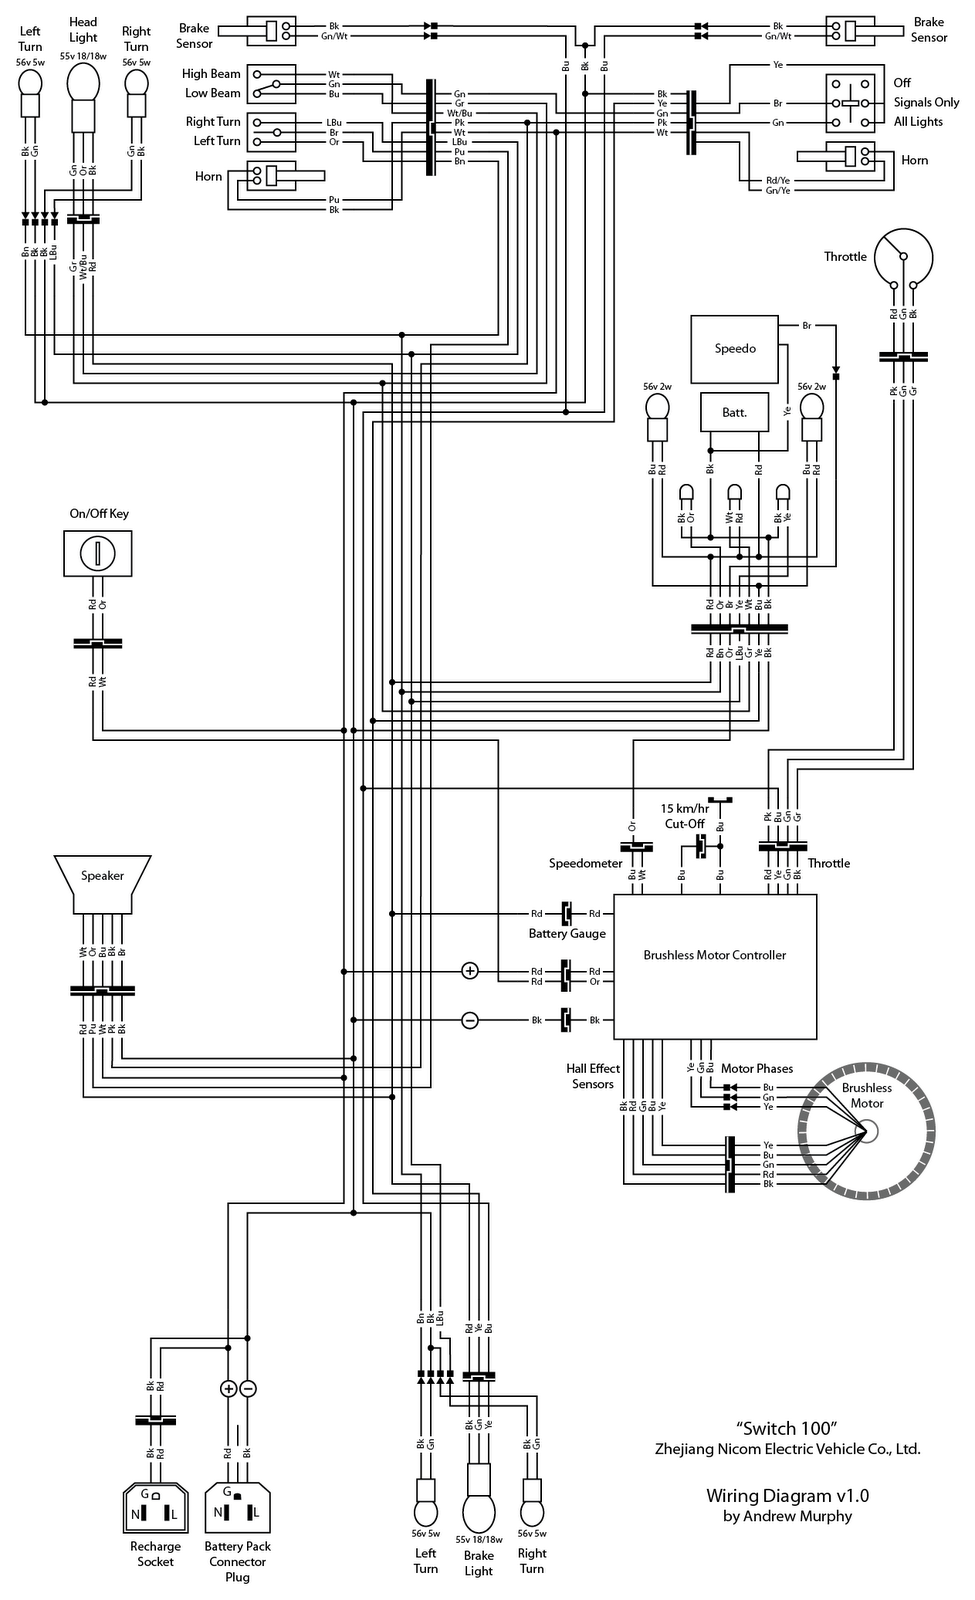 Suzuki Swift Wire Diagram Torzone Org Suzuki Auto Wiring Diagram Suzuki Dr 250 Wiring Diagram Yamaha R1 Wiring-Diagram Ignition Wiring Diagram For 1994 Suzuki Swift At IT-Energia.com